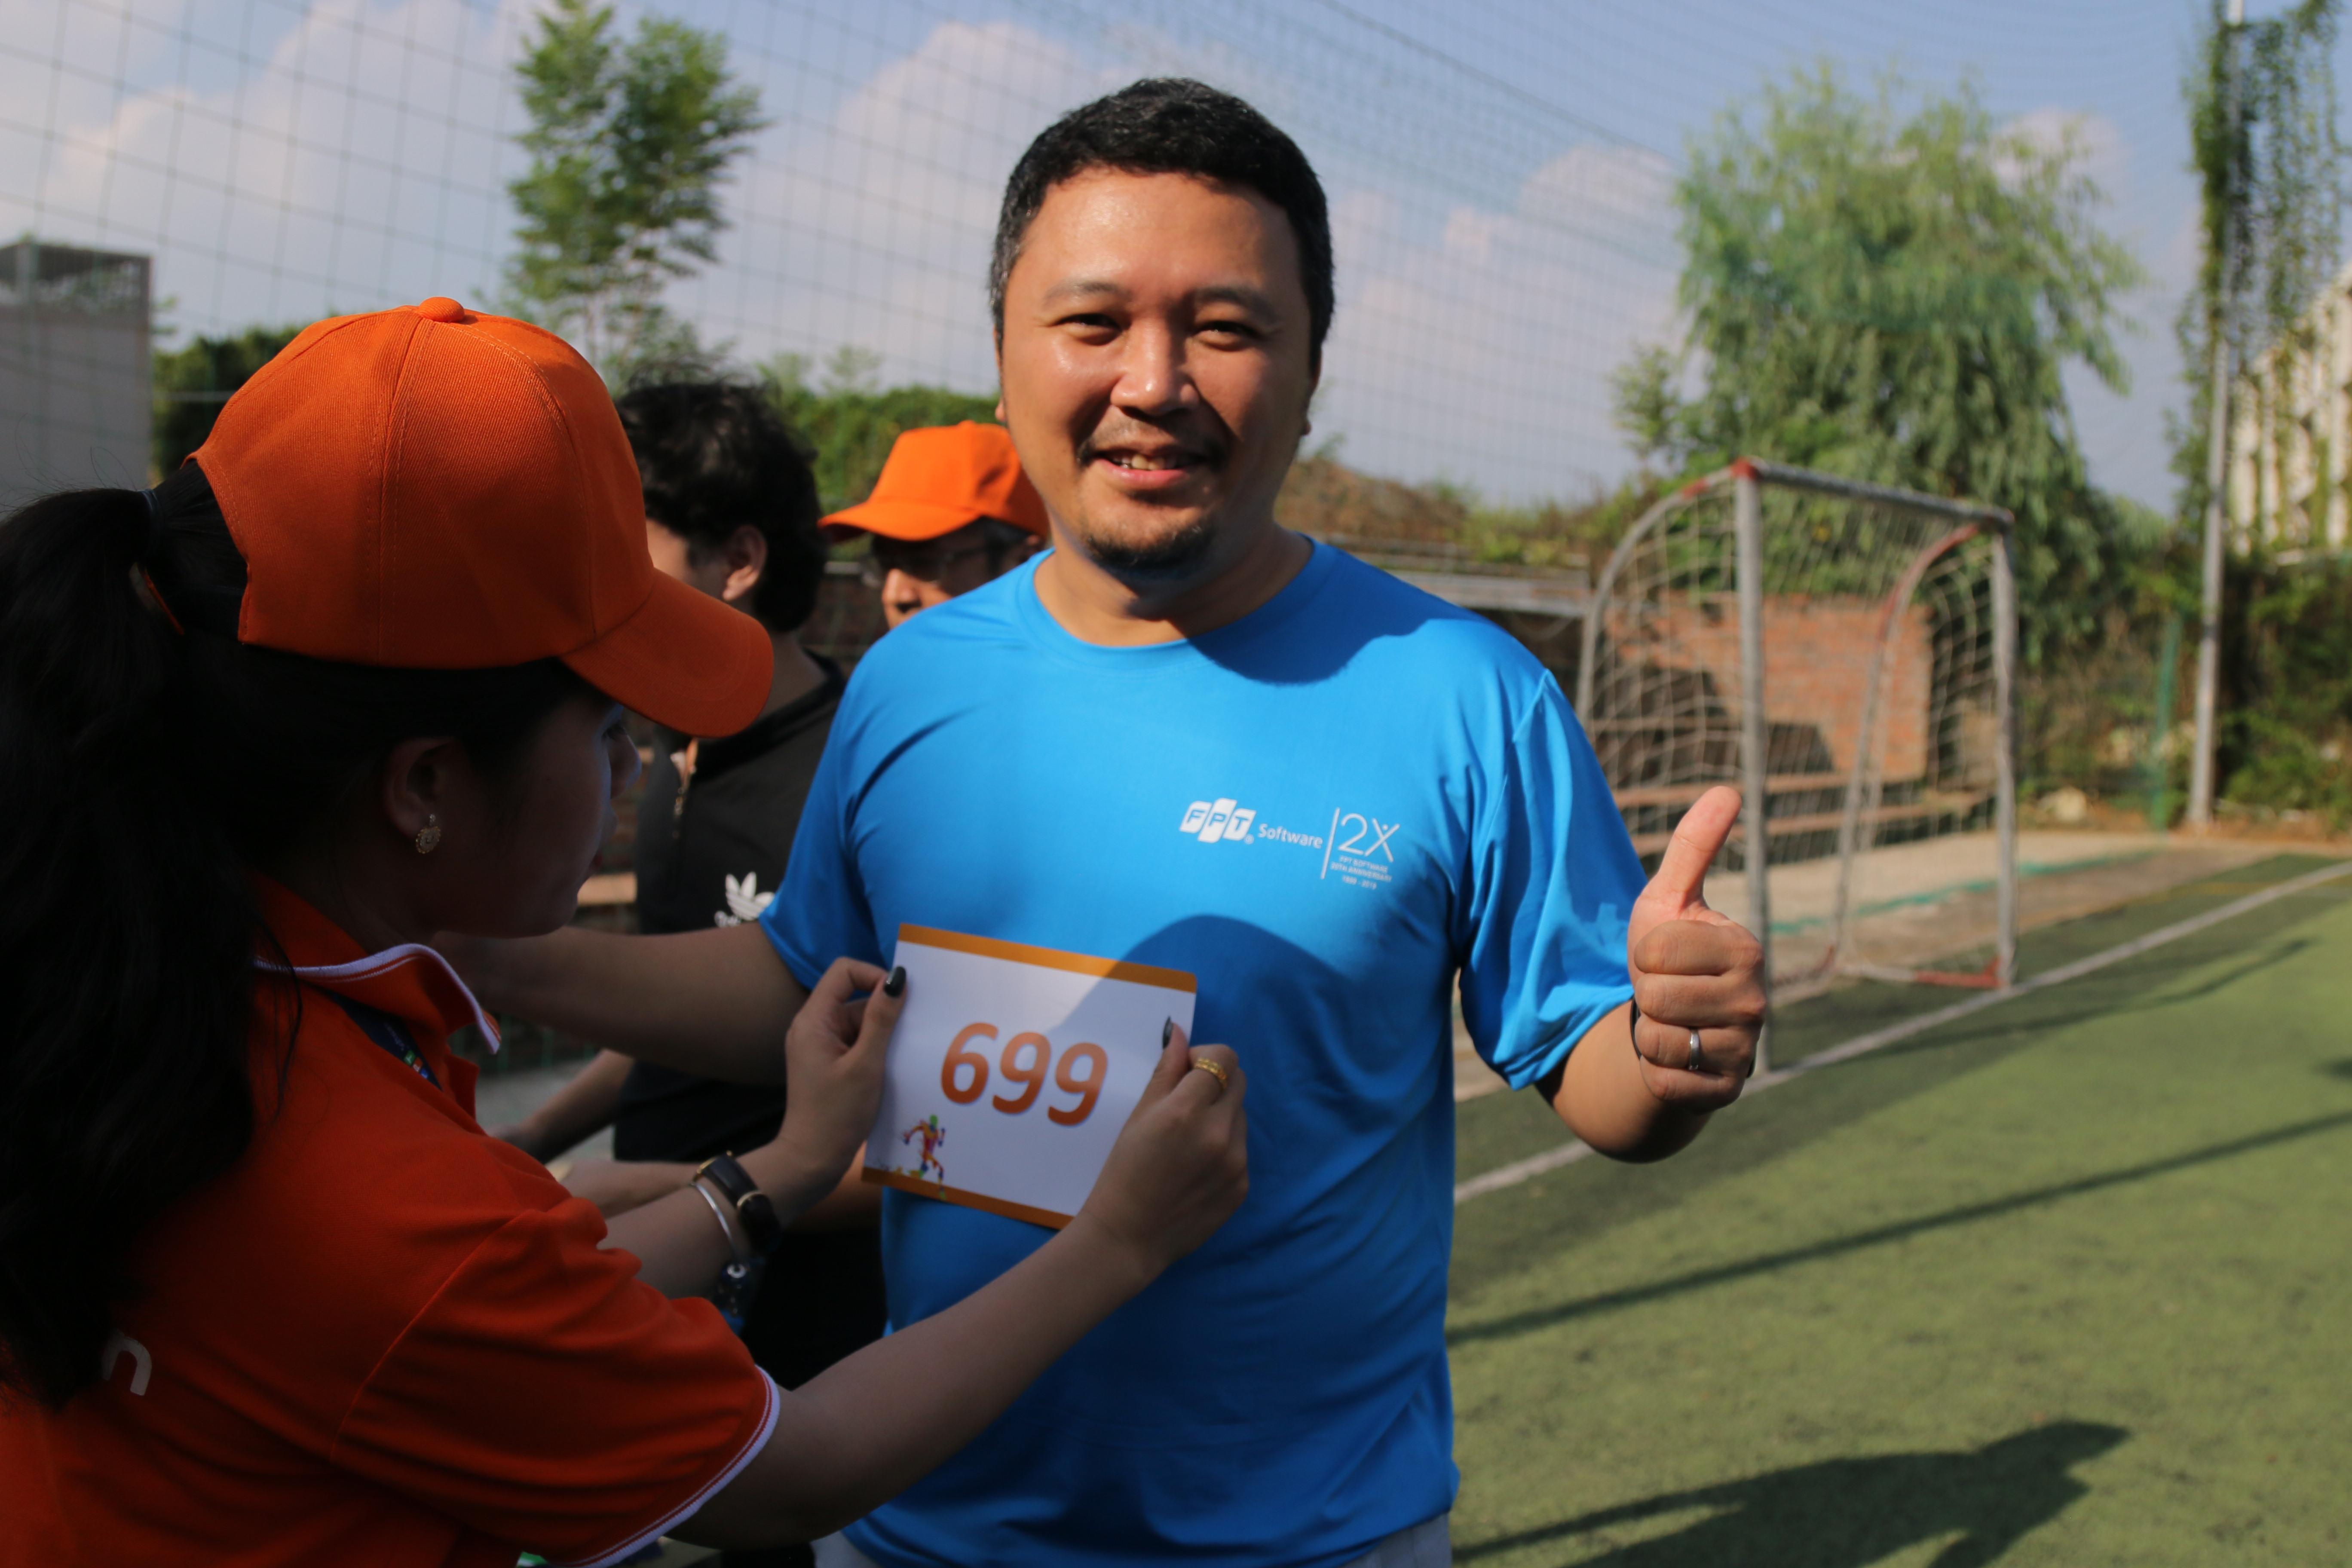 PTGĐ FPT Software Nguyễn Khải Hoàn đăng ký chạy ở cự ly 6,9 km.